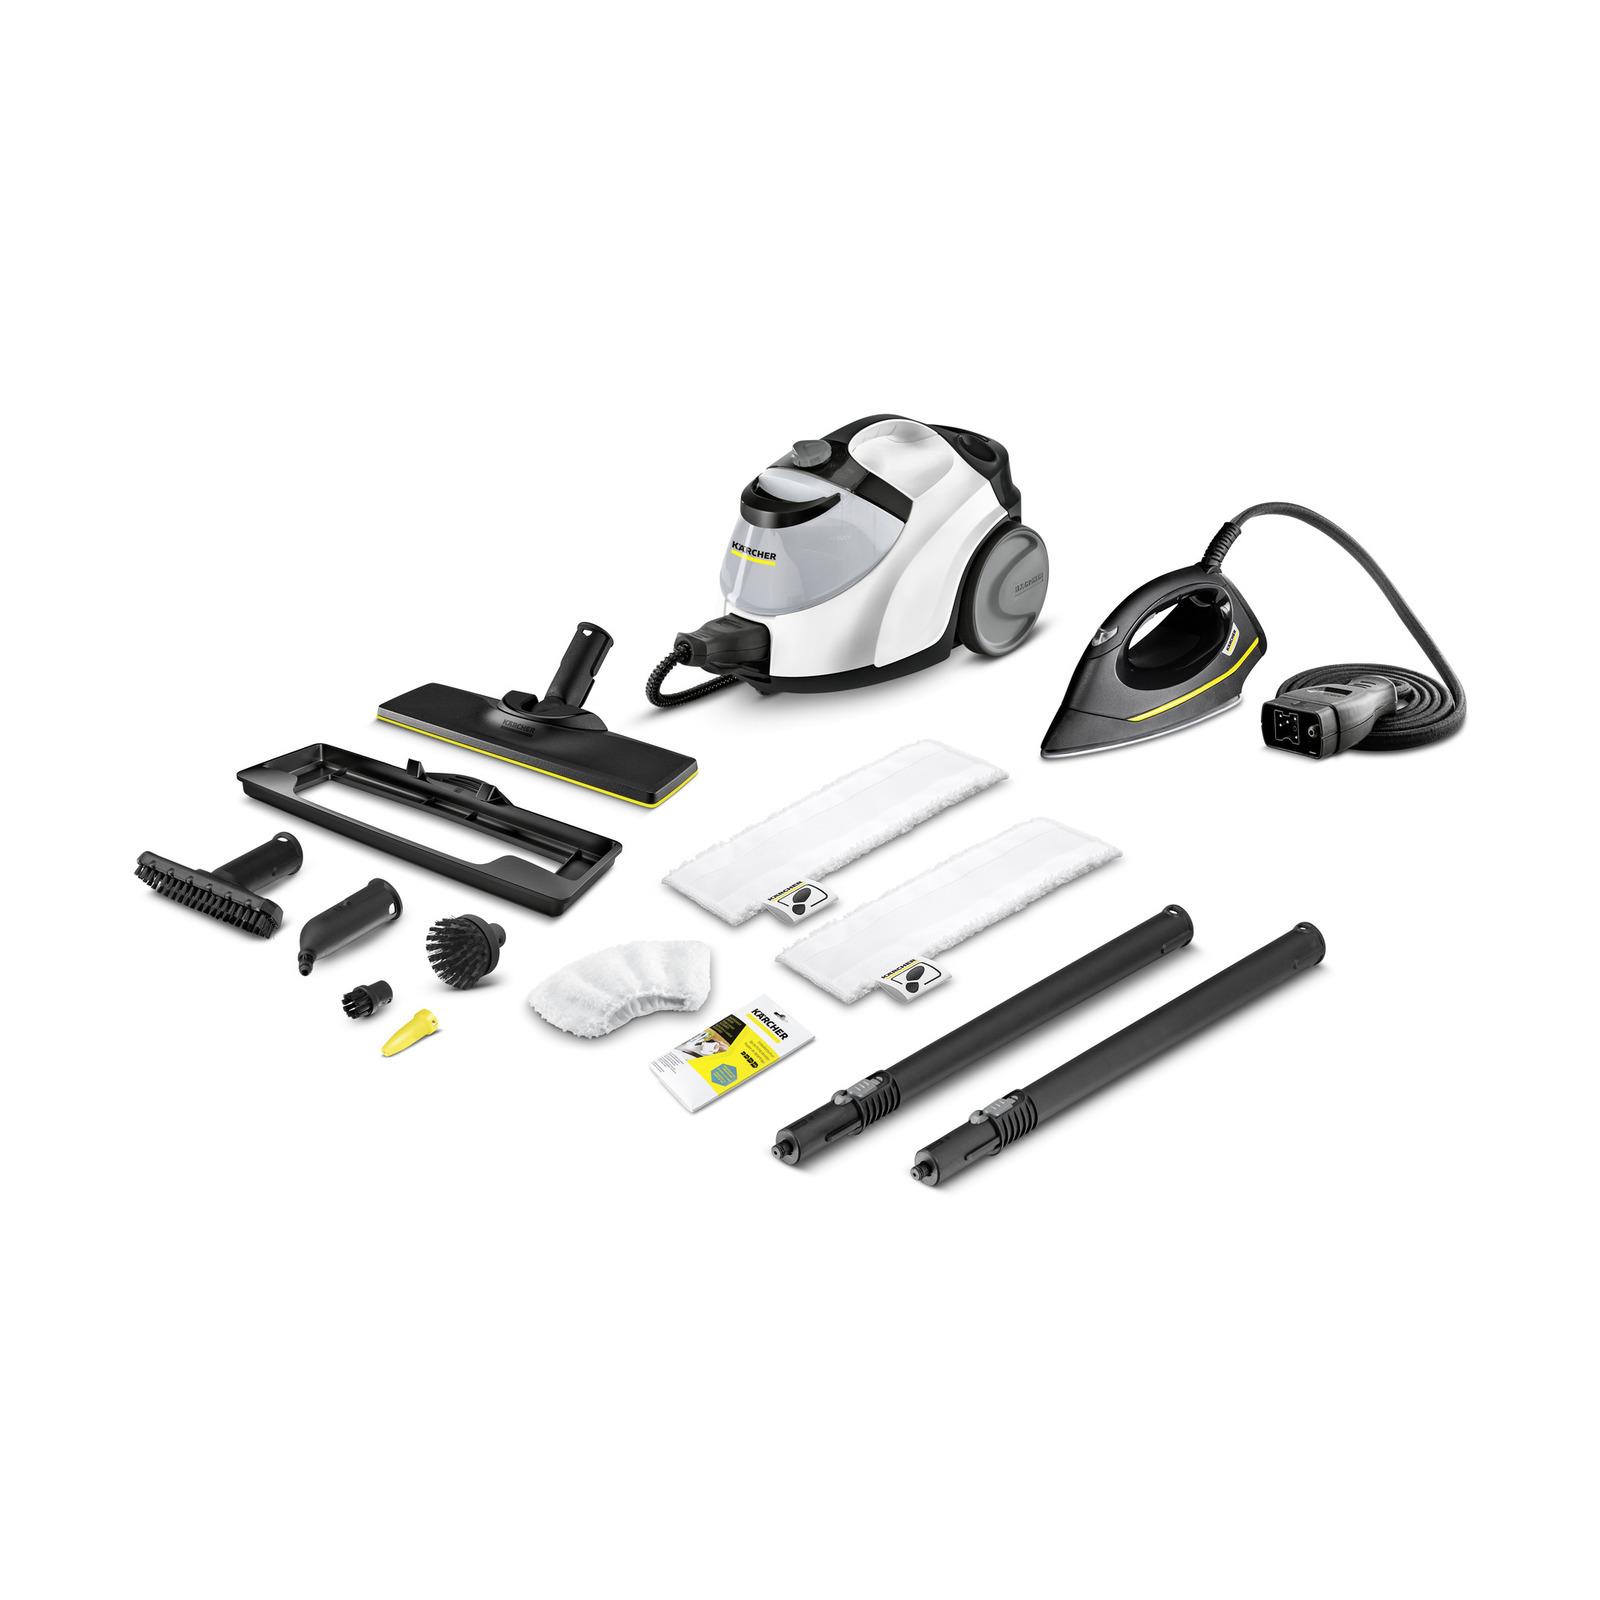 SC 5 Premium Iron Kit